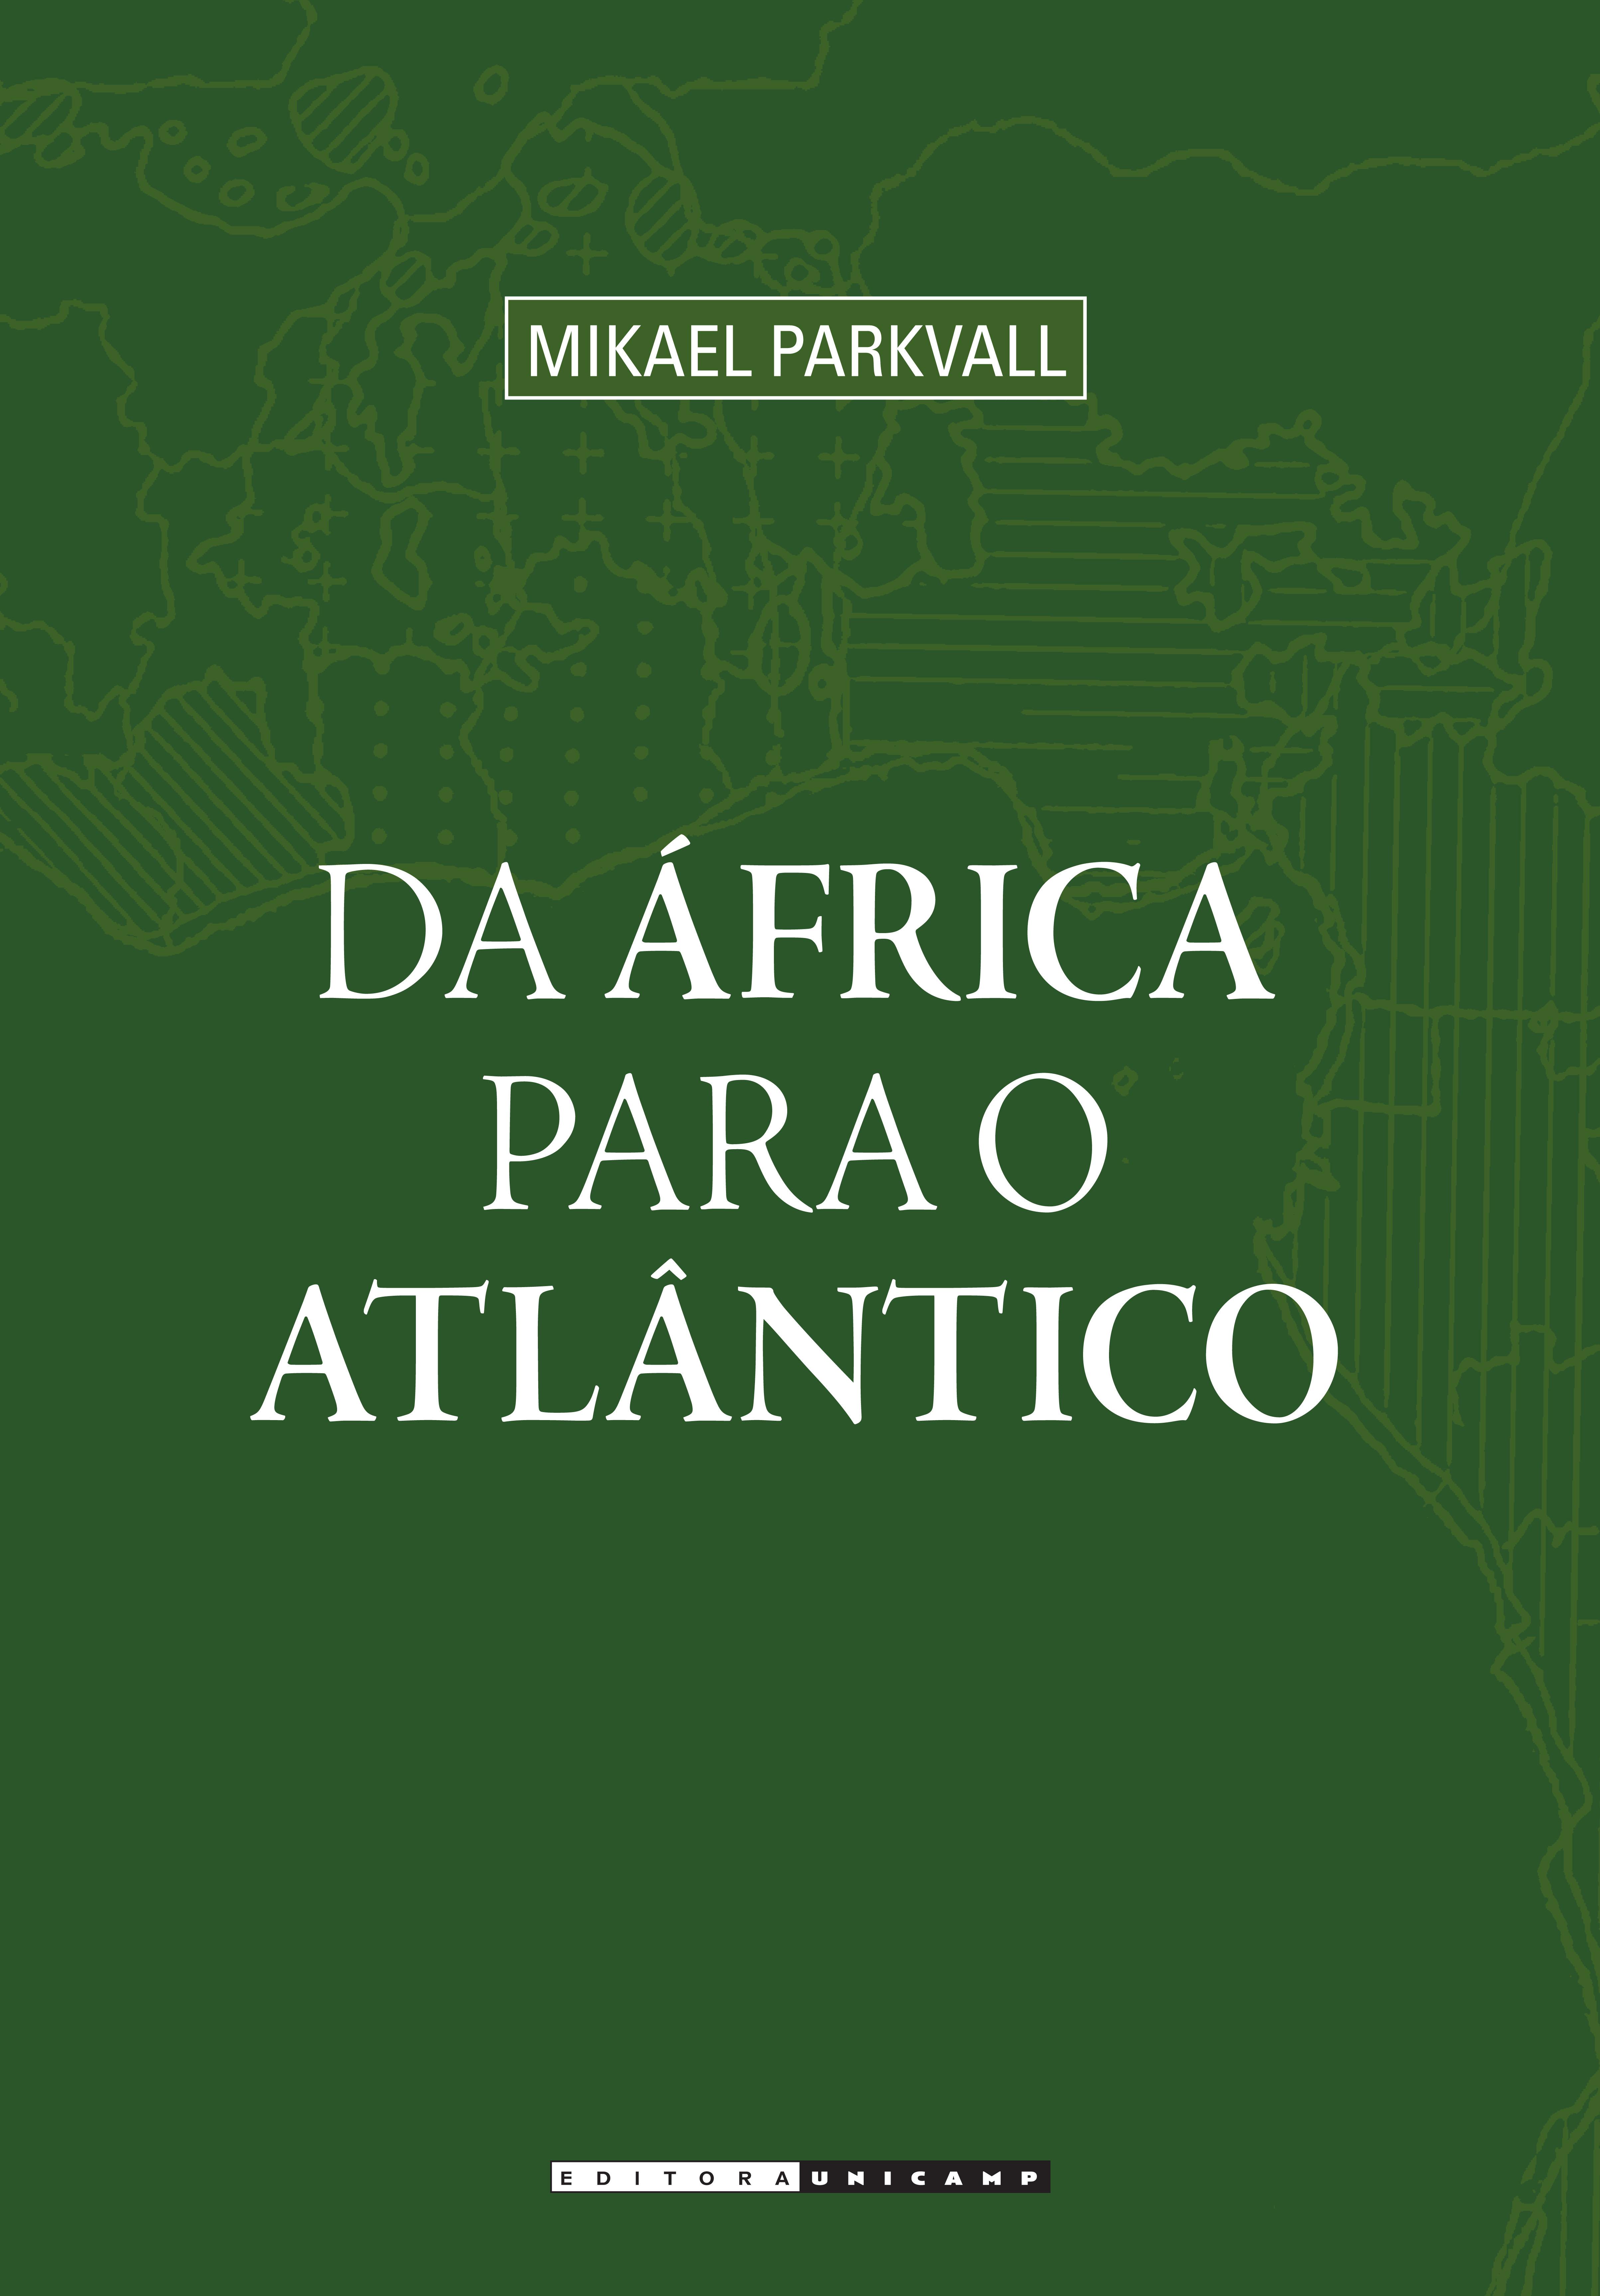 Da África para o Atlântico, livro de Mikael Parkvall